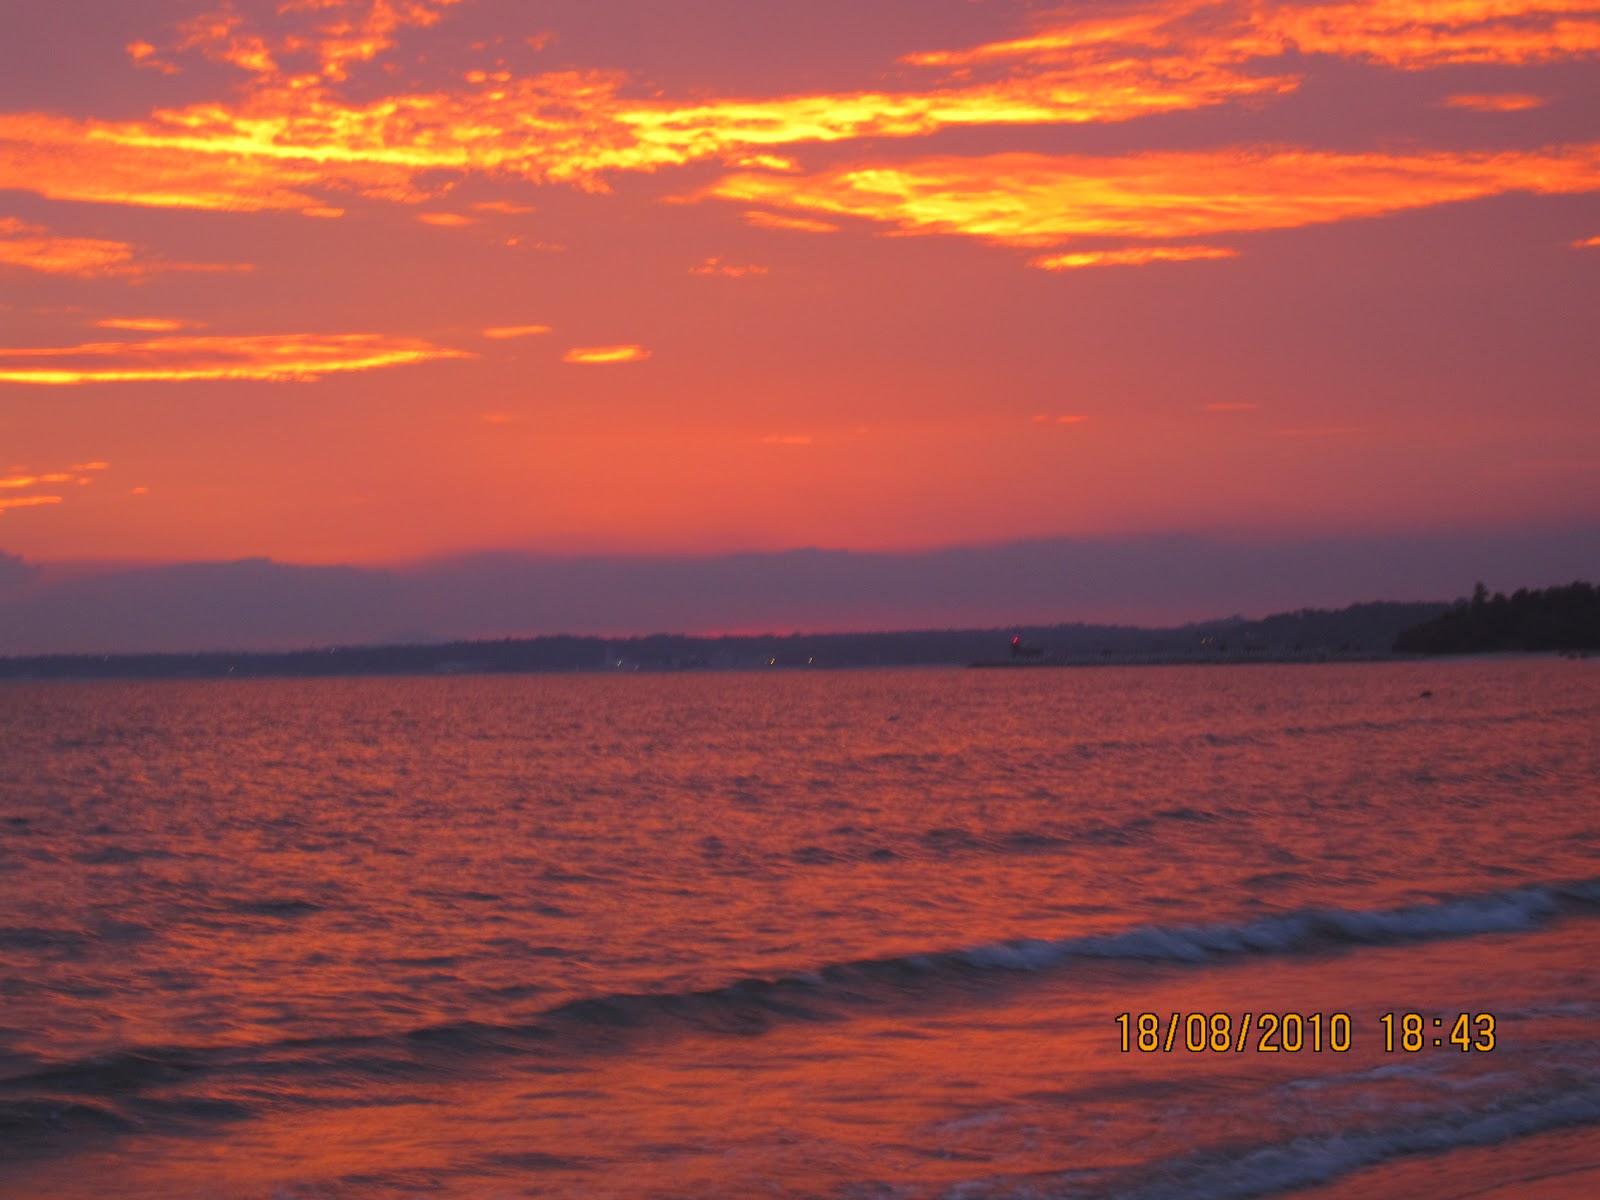 迷戀天空的雲彩: 夕陽離去前的回眸